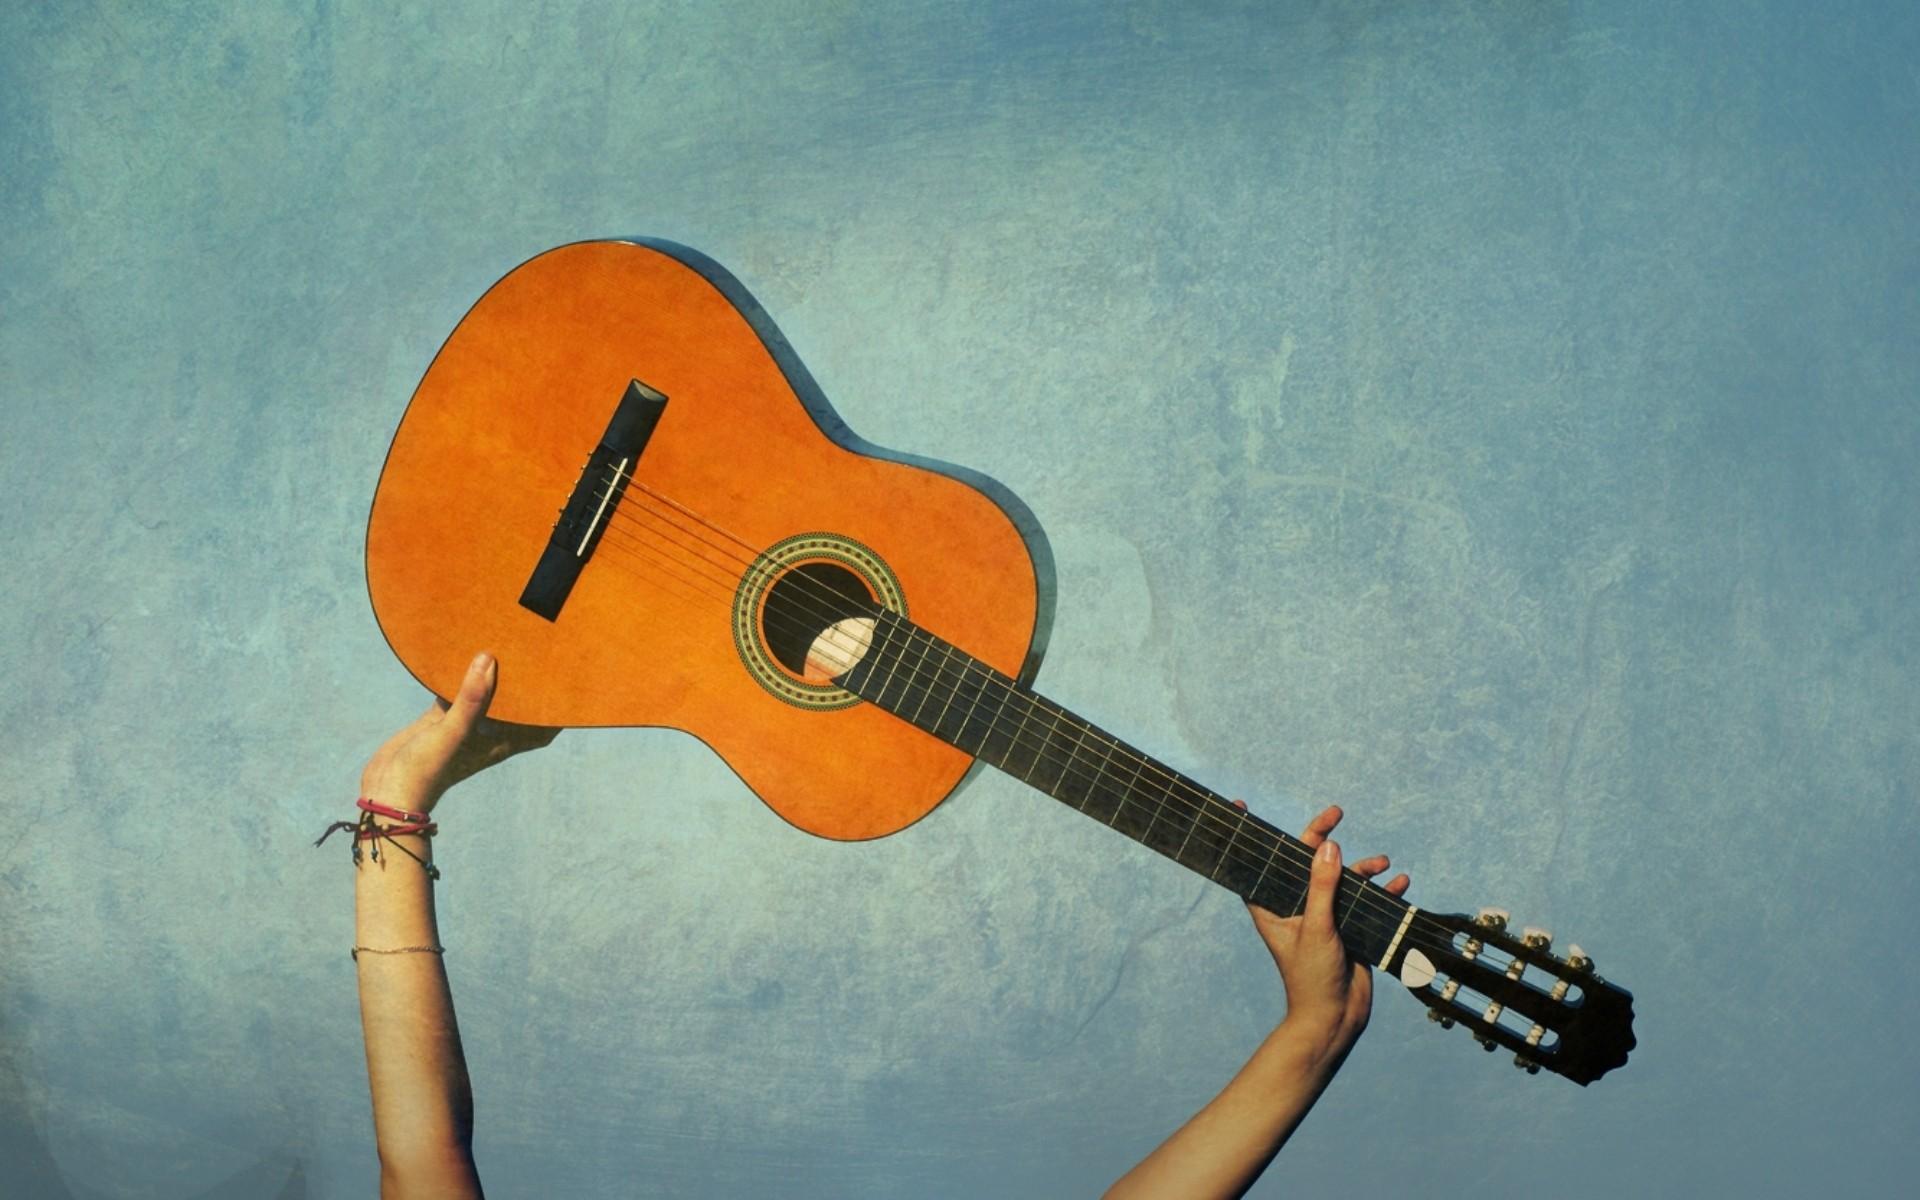 Guitarra clásica española - 1920x1200